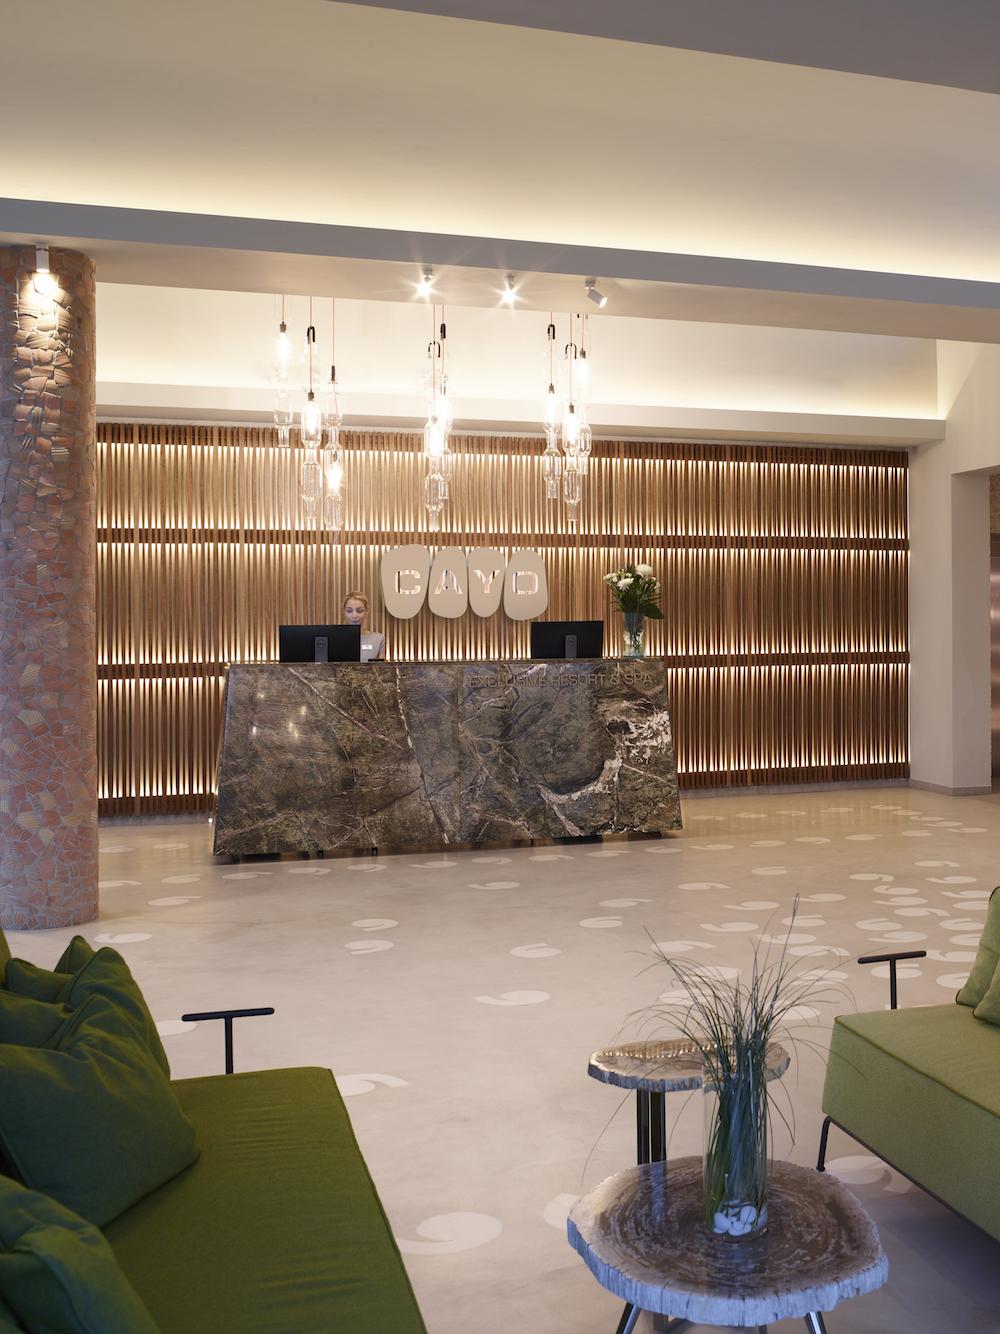 The lobby at Cayo Crete